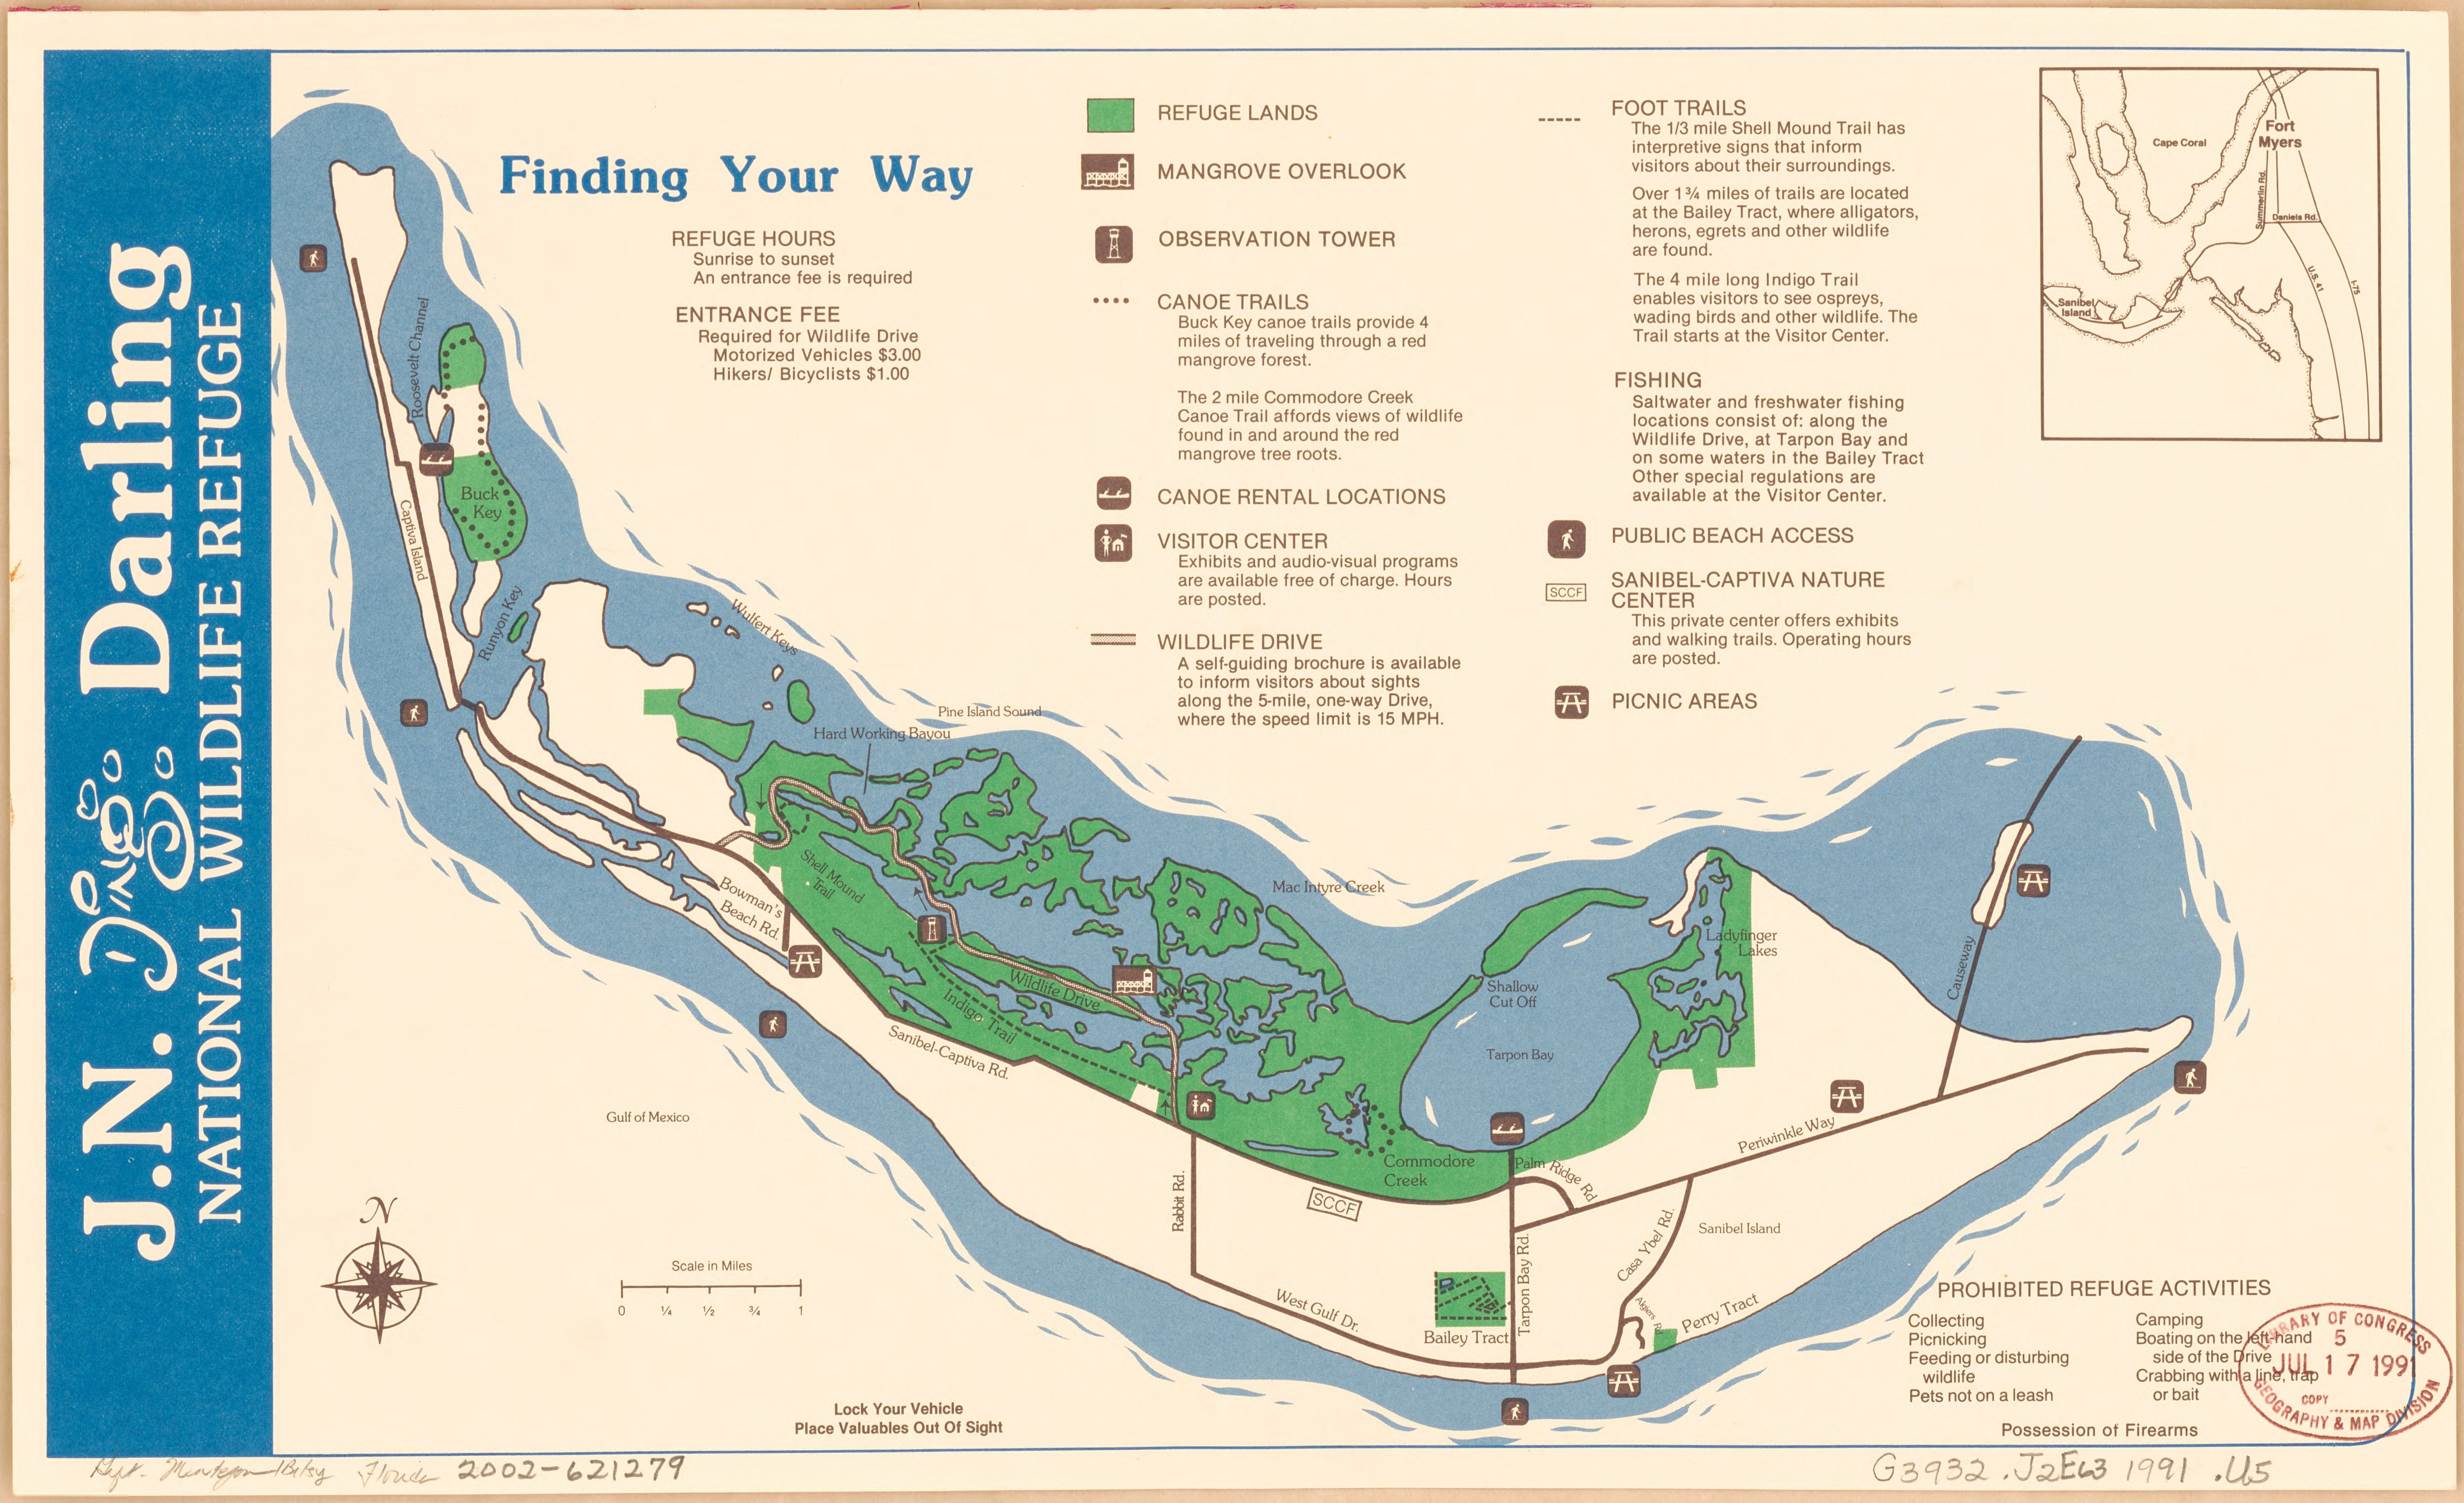 File:J.N. Ding Darling National Wildlife Refuge. LOC 2002621279.jpg on